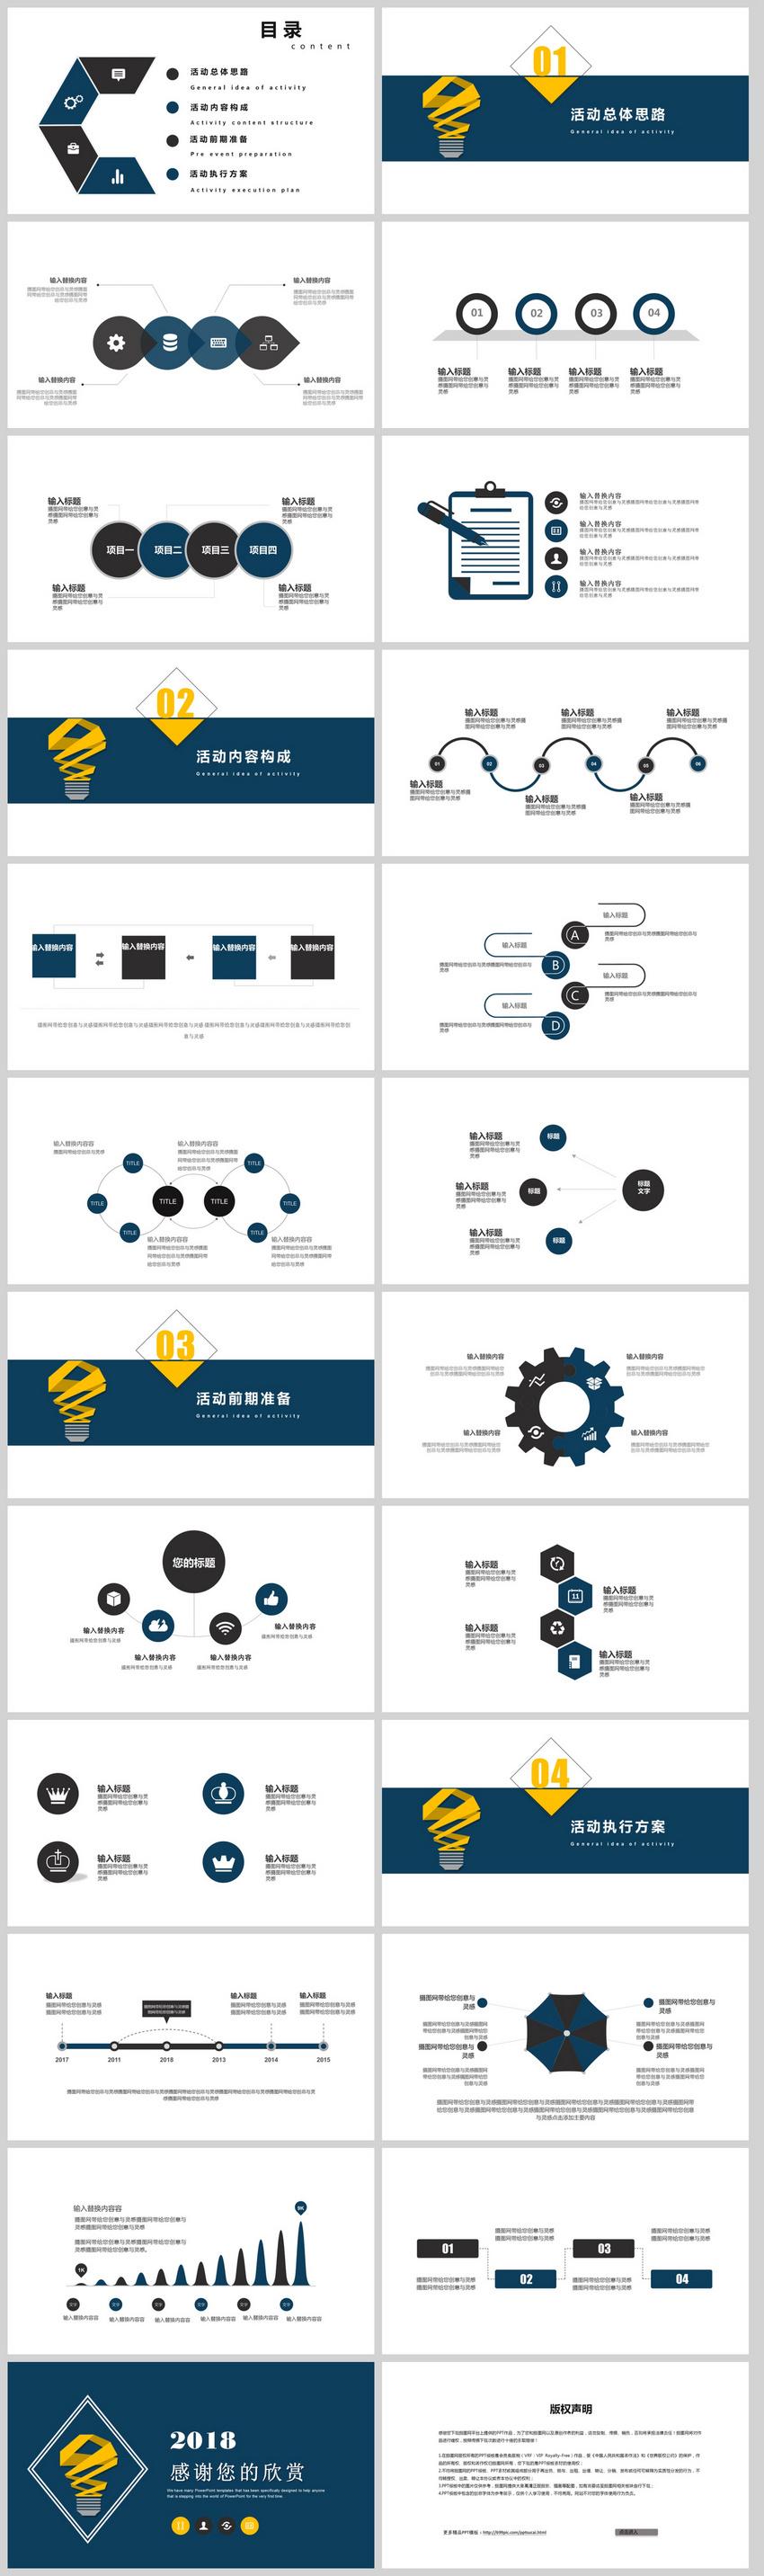 蓝色商业汇报PPT模版图片